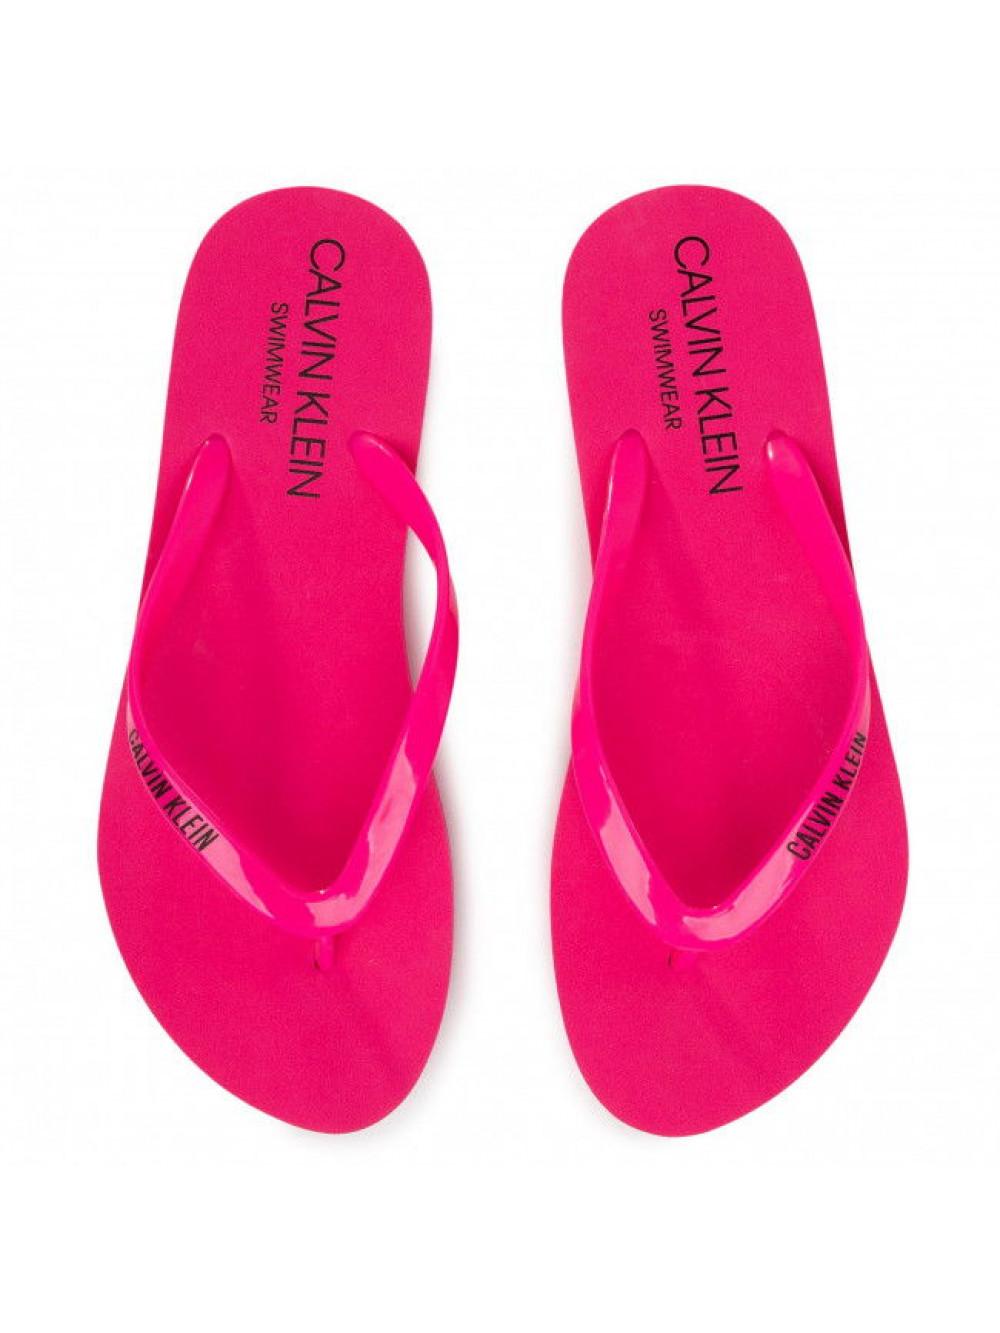 Dámské žabky Calvin Klein Swimwear růžové